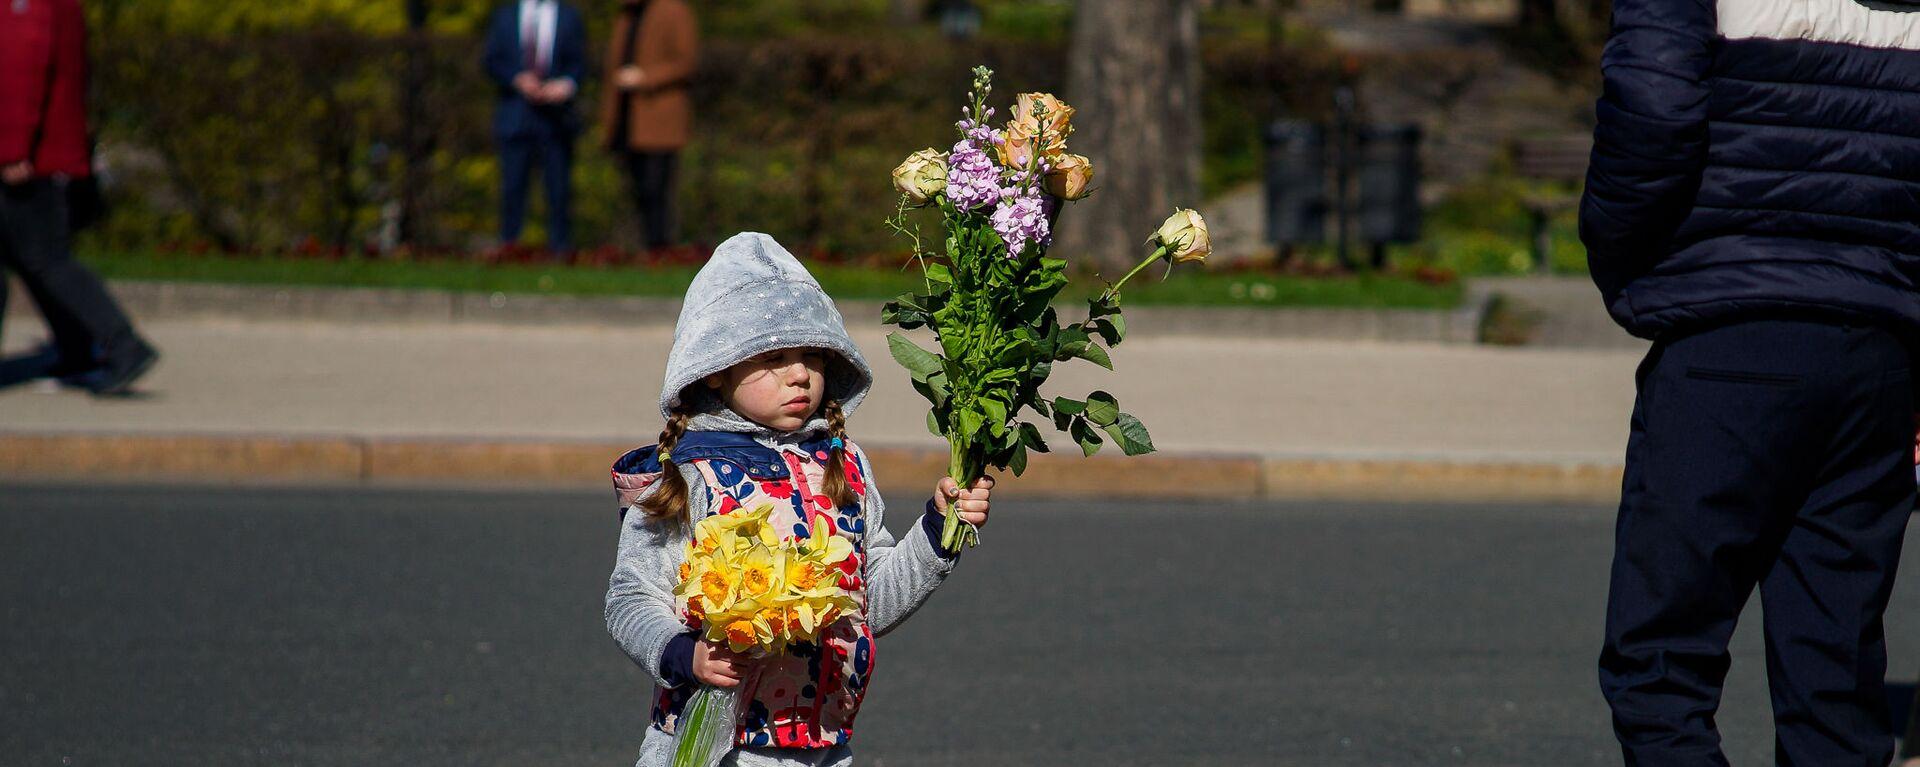 Девочка с цветами - Sputnik Latvija, 1920, 07.05.2021